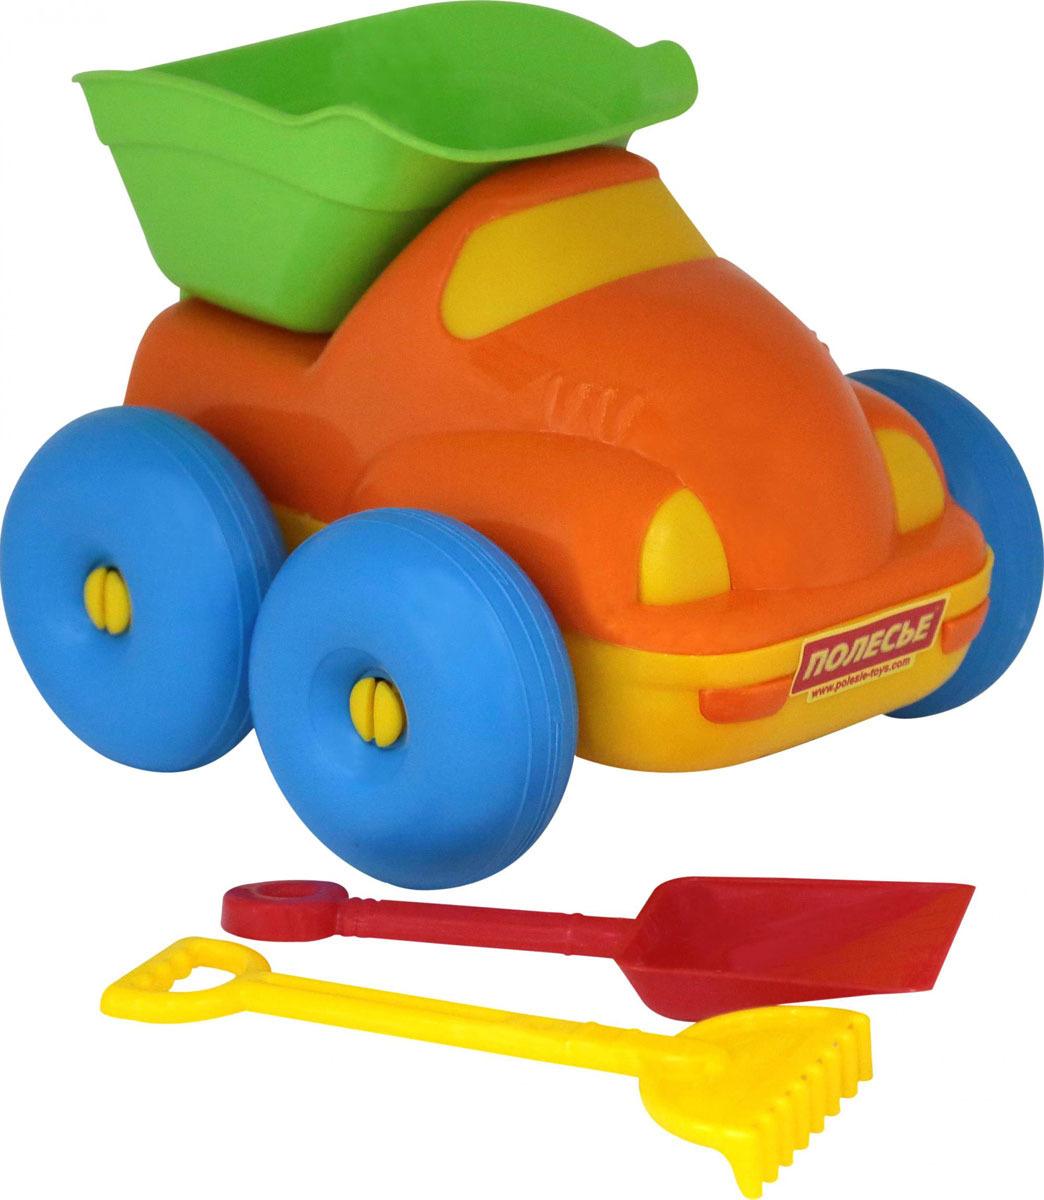 Набор для песочницы Полесье, 3 предмета, цвет в ассортименте